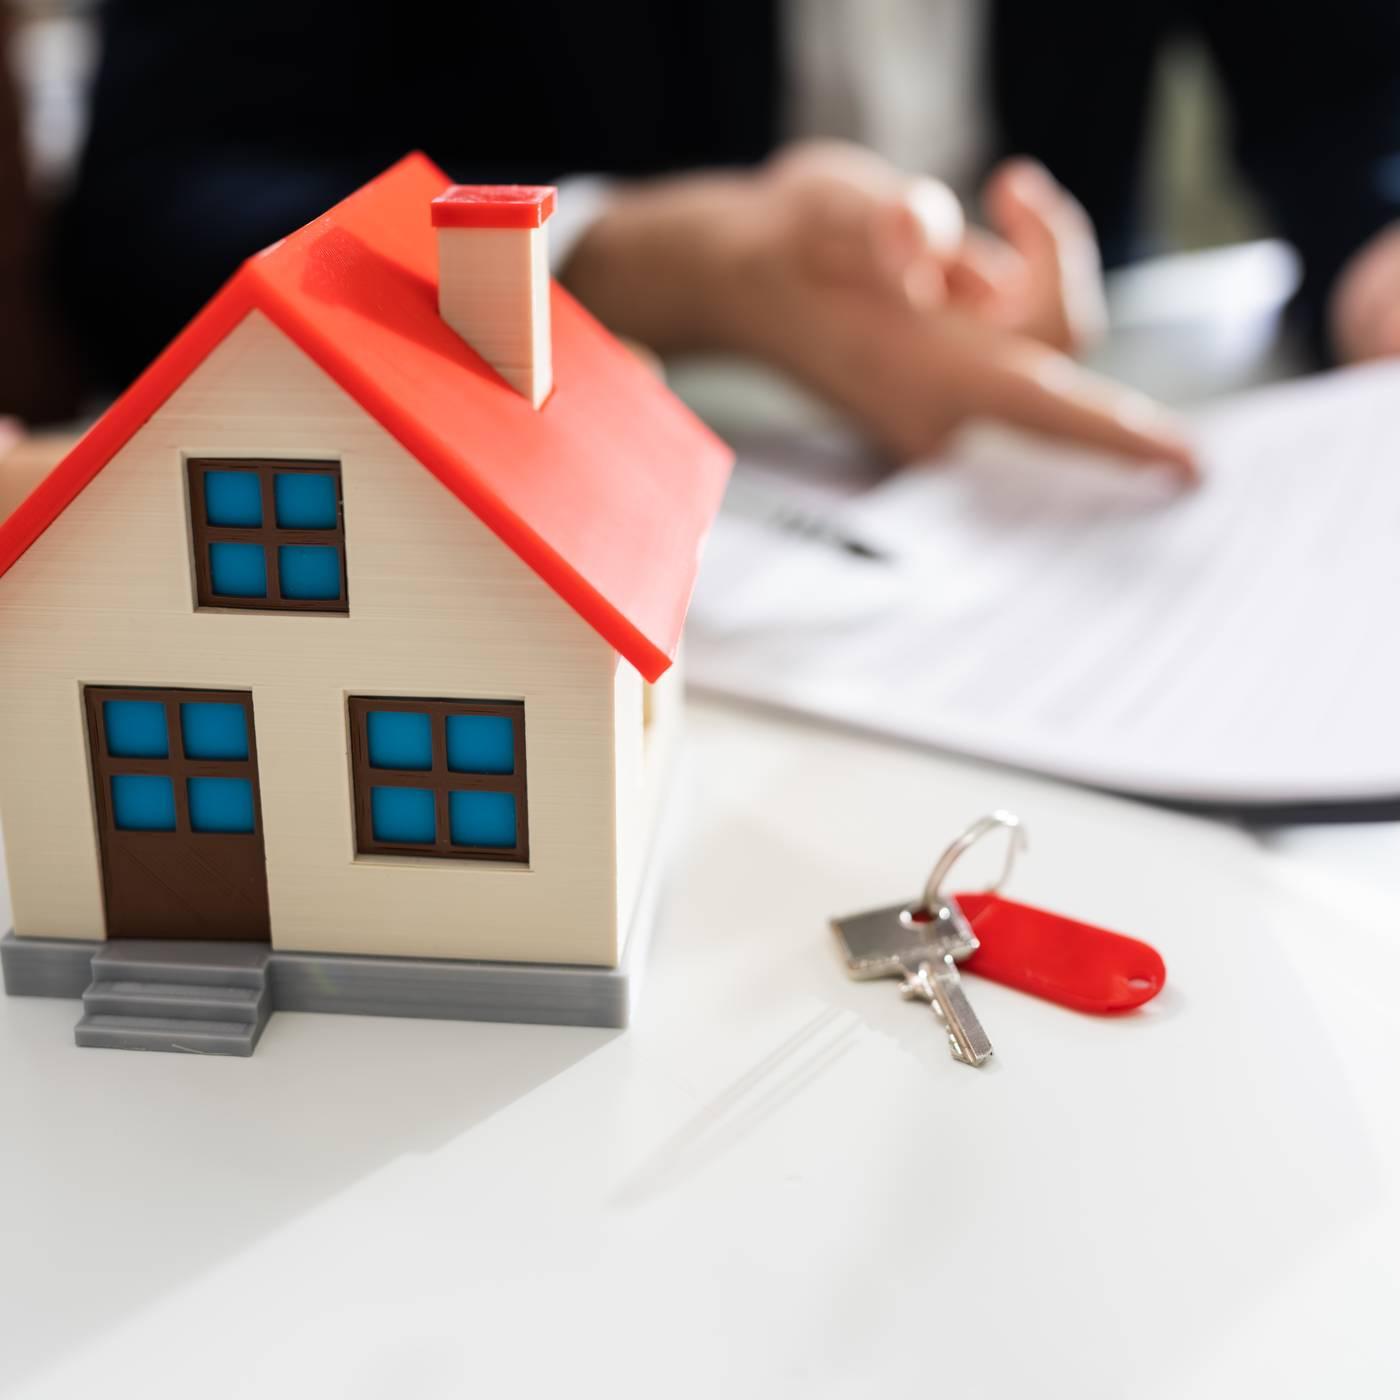 Projeto permite redução de preços de aluguel em tempos de calamidade